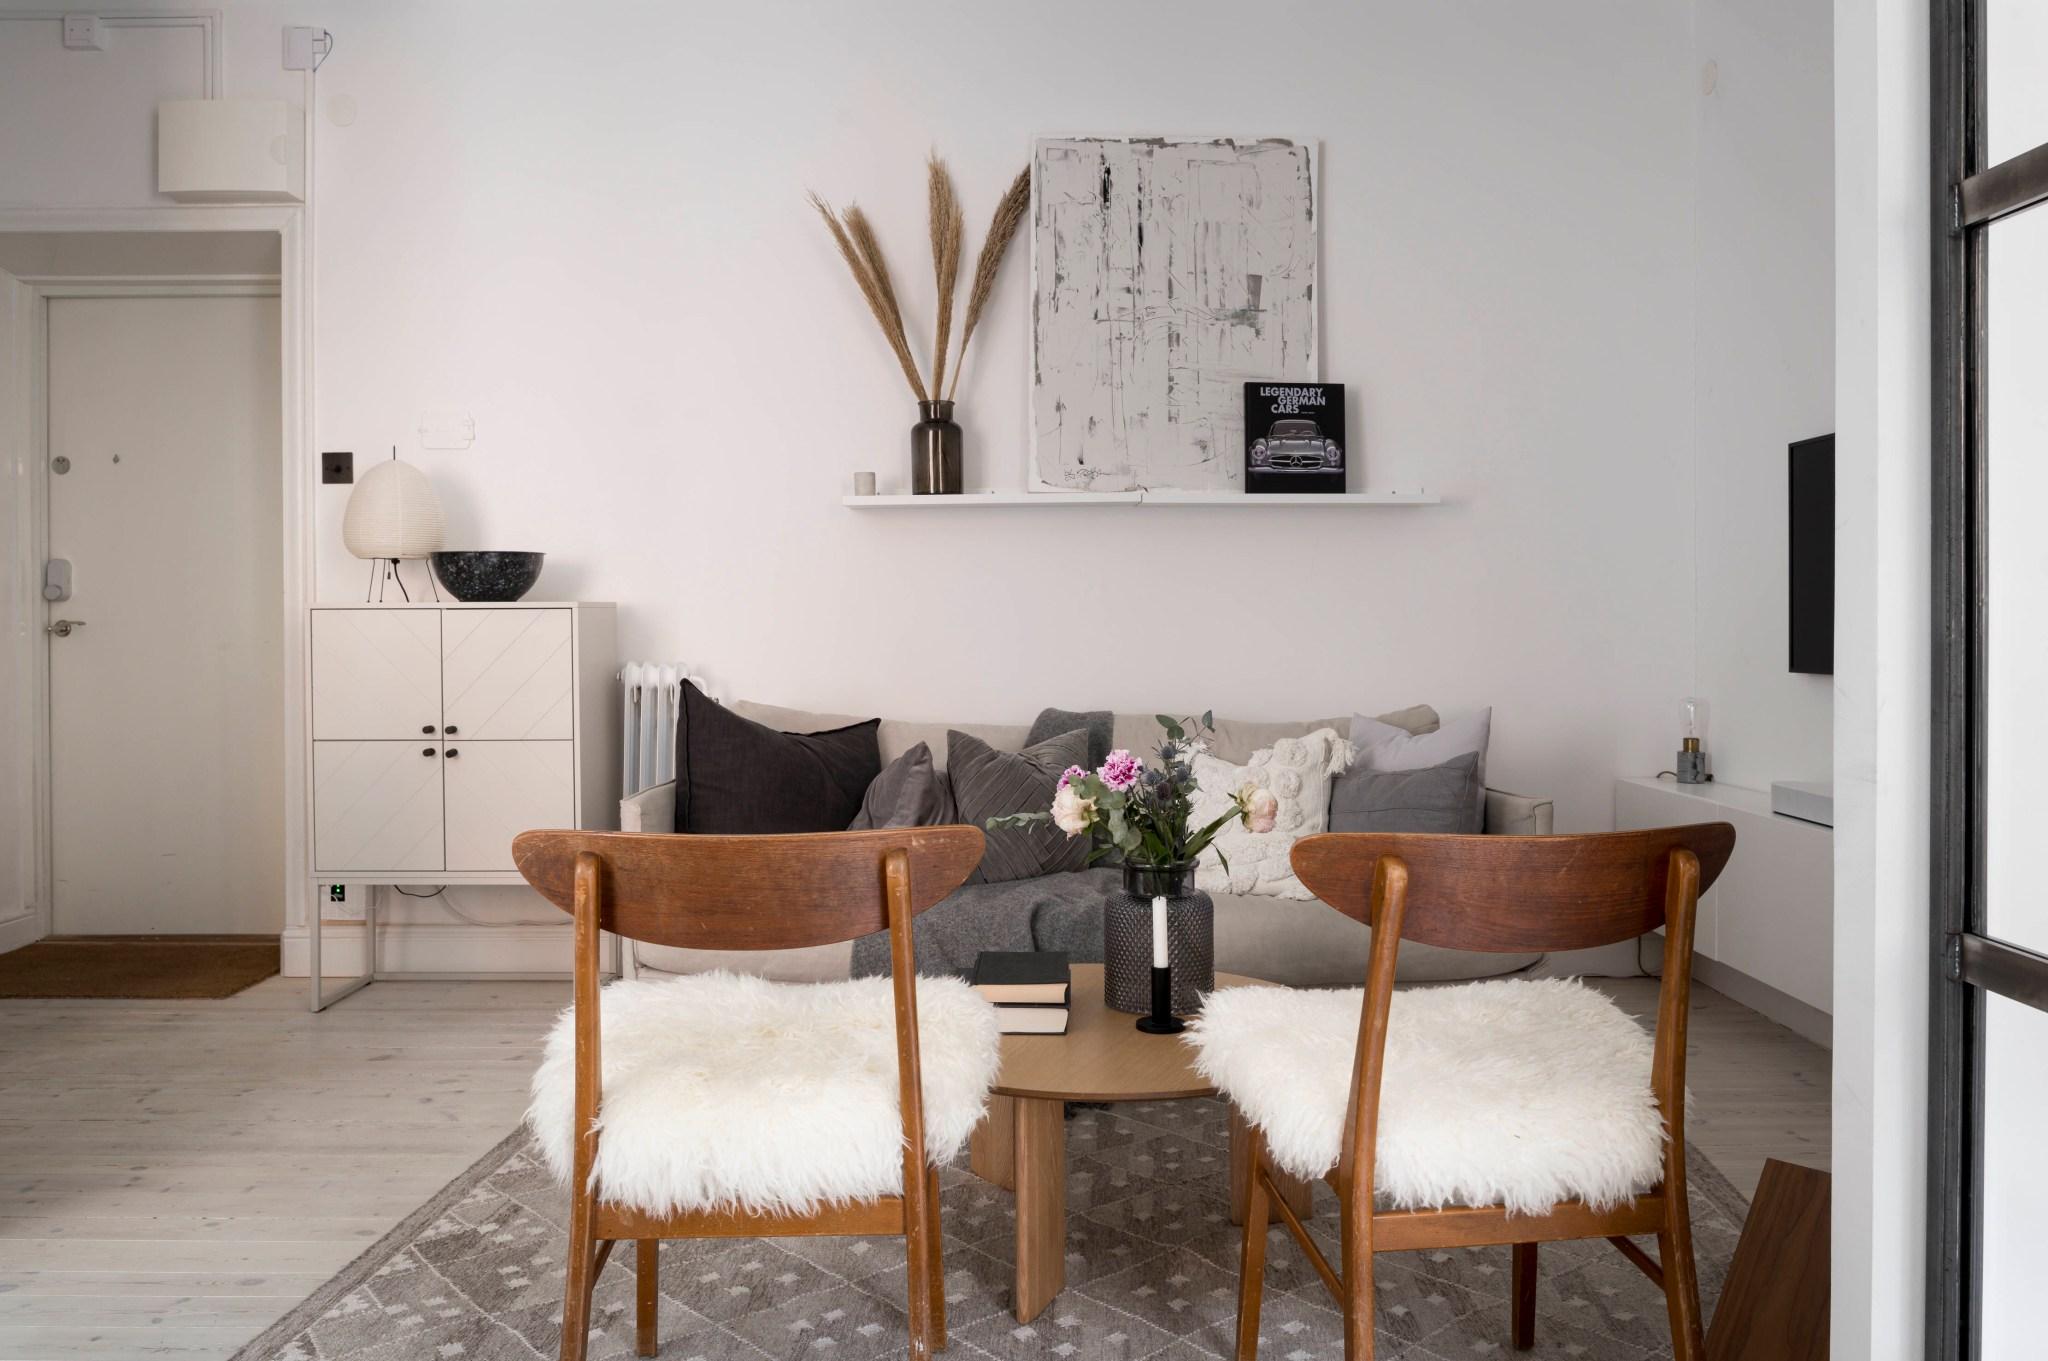 Uși de sticlă între living și dormitor într o garsonieră de 49 m² din Suedia 5